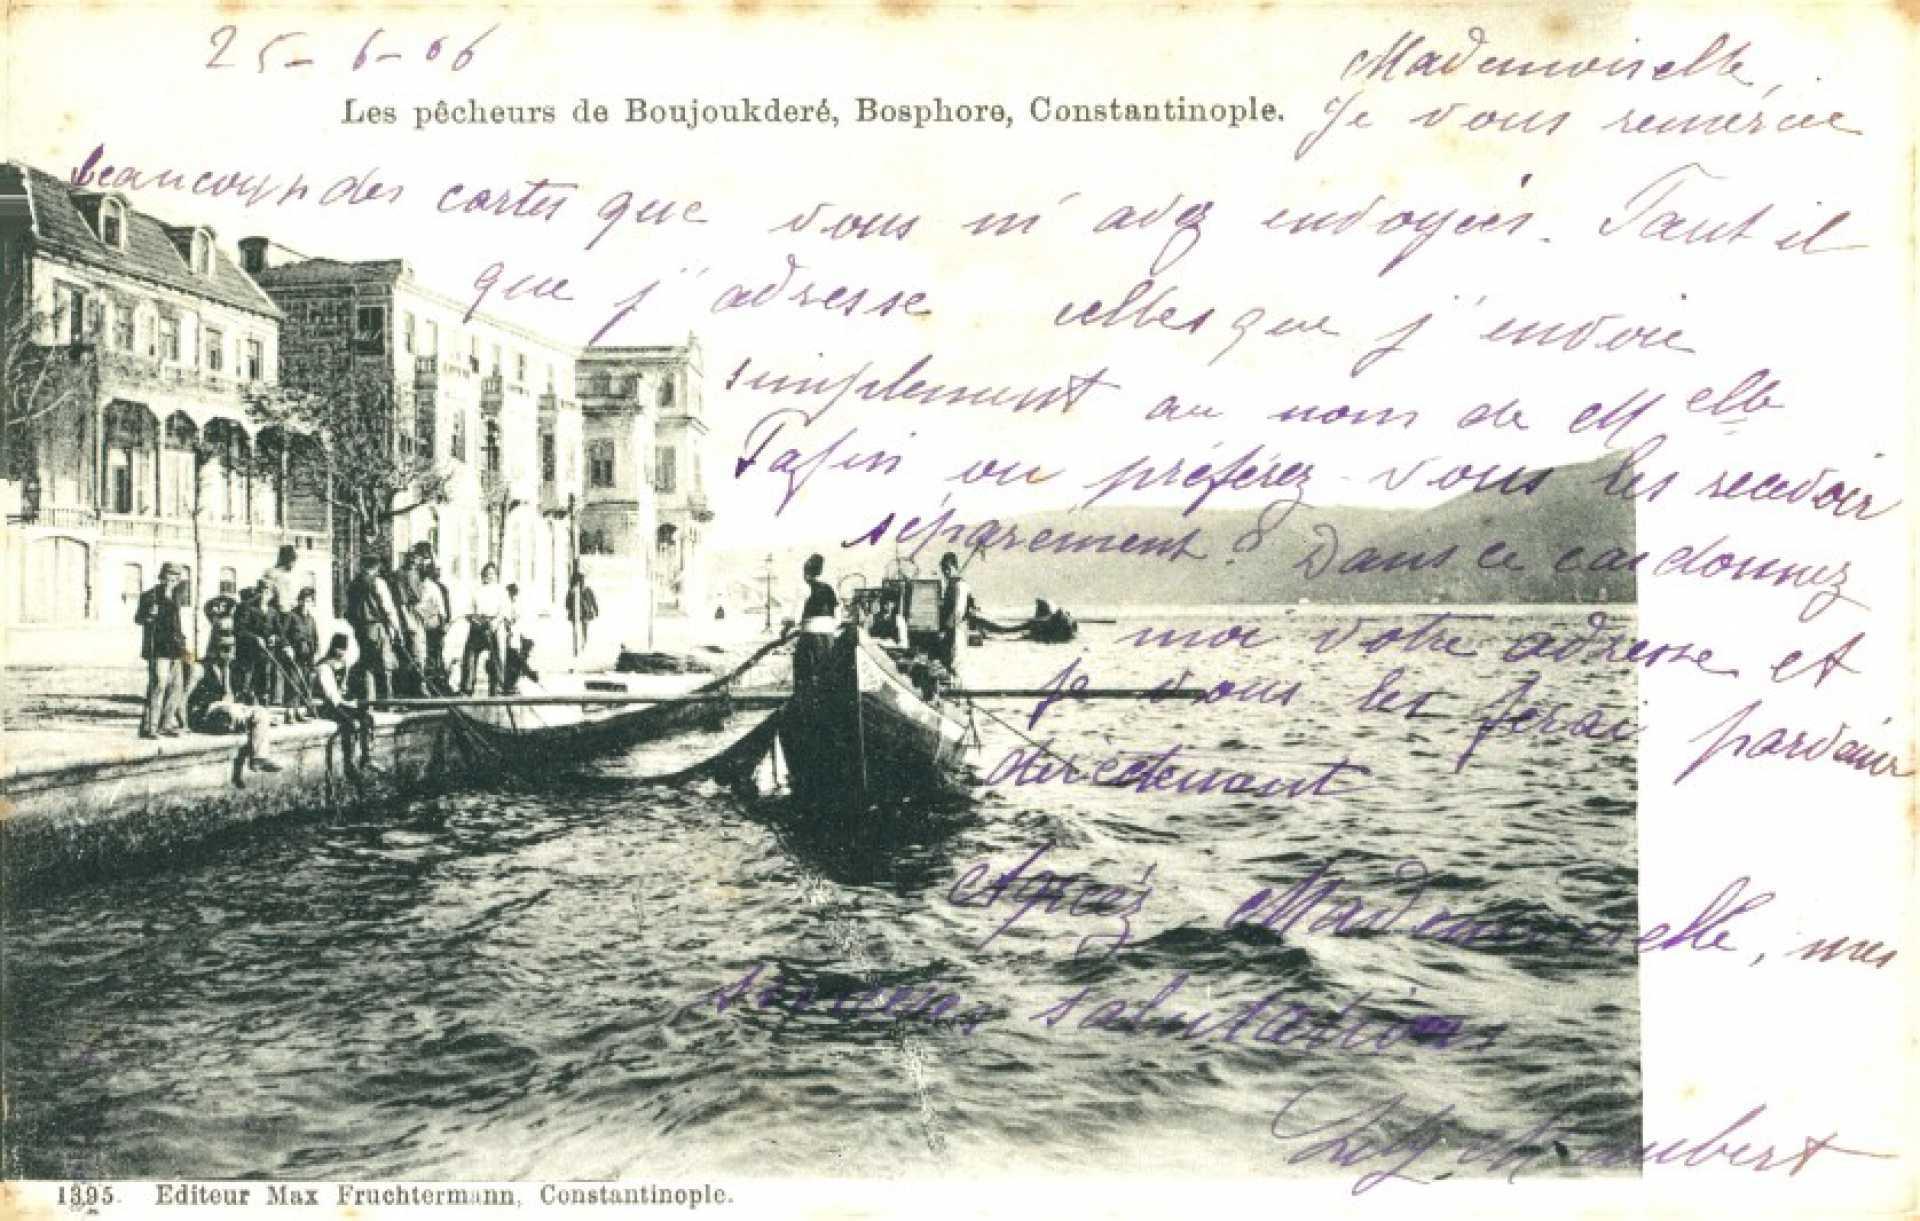 Les pecheurs de Boujoukdere. Bosphore